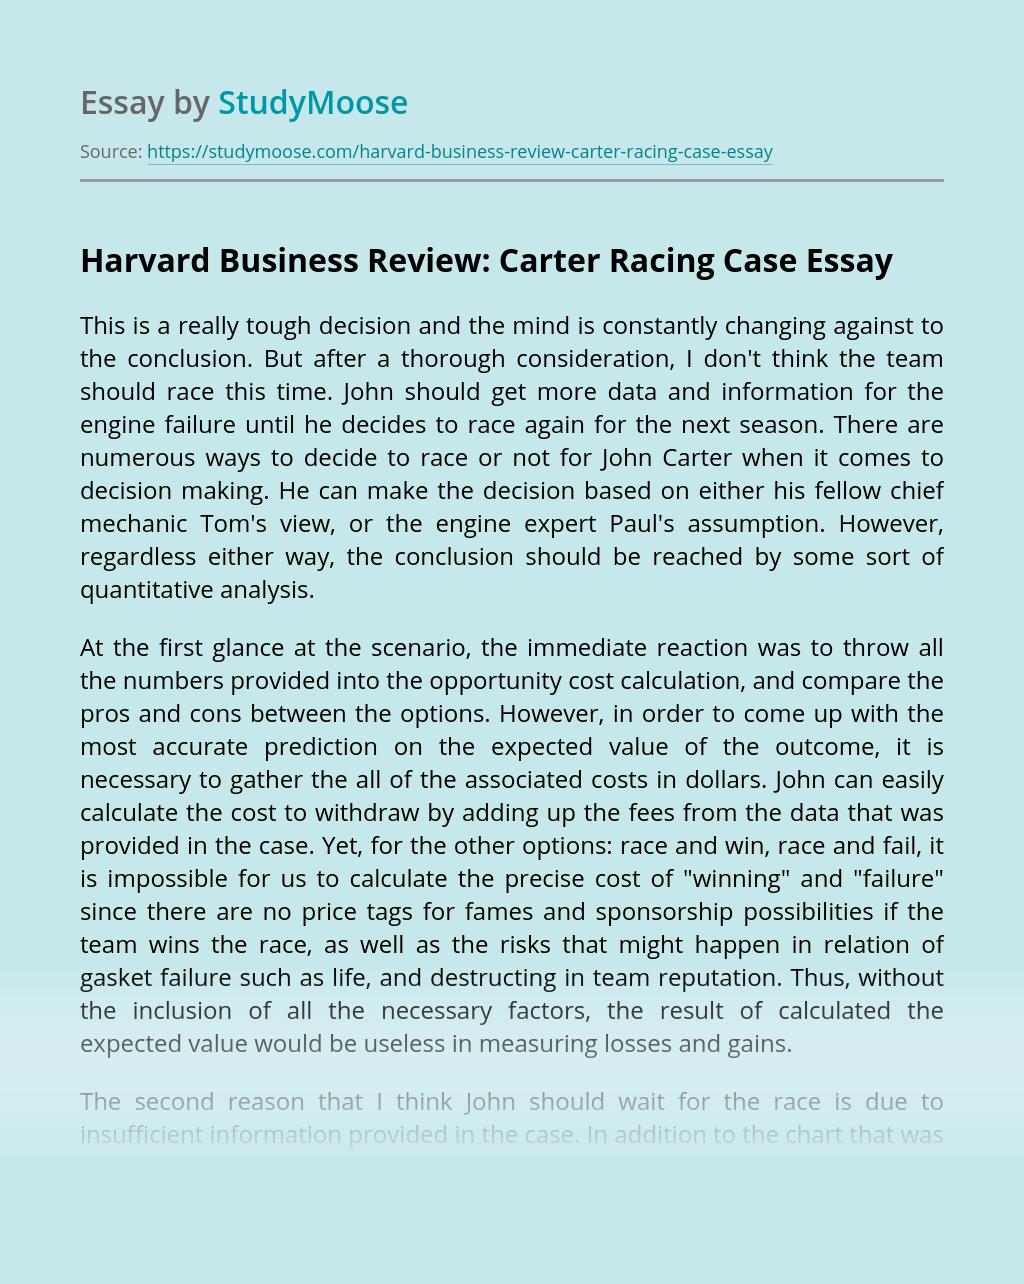 Harvard Business Review: Carter Racing Case